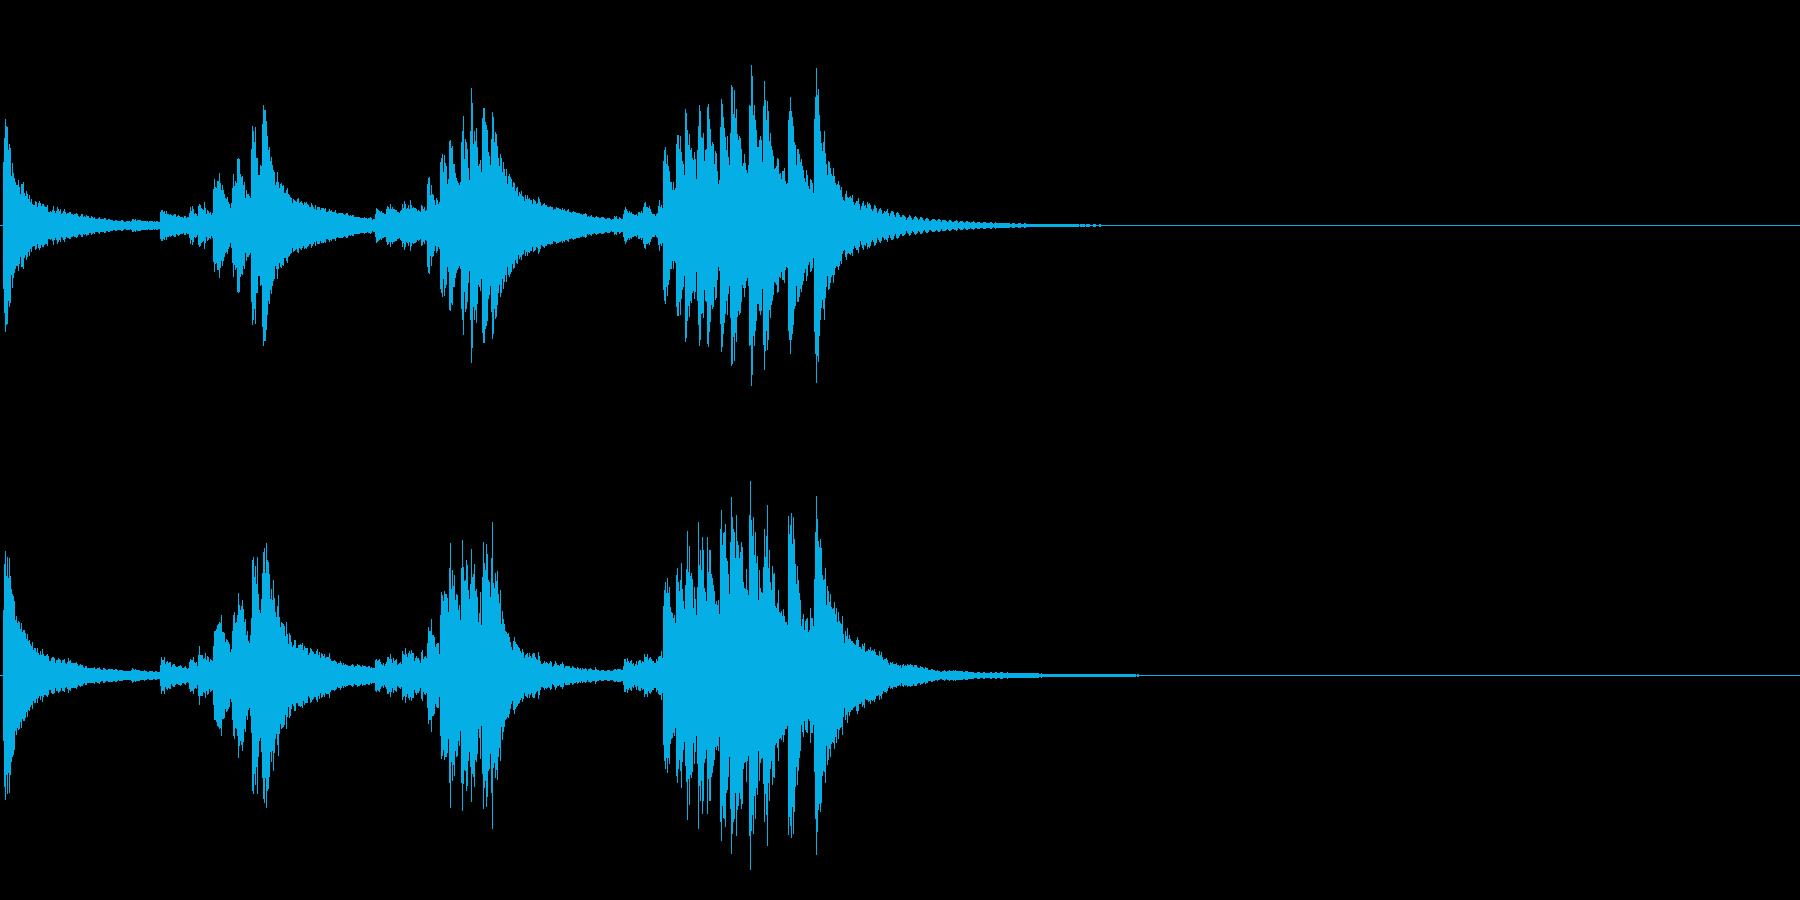 小型の鐘「本つり鐘」のフレーズ音4+Fxの再生済みの波形